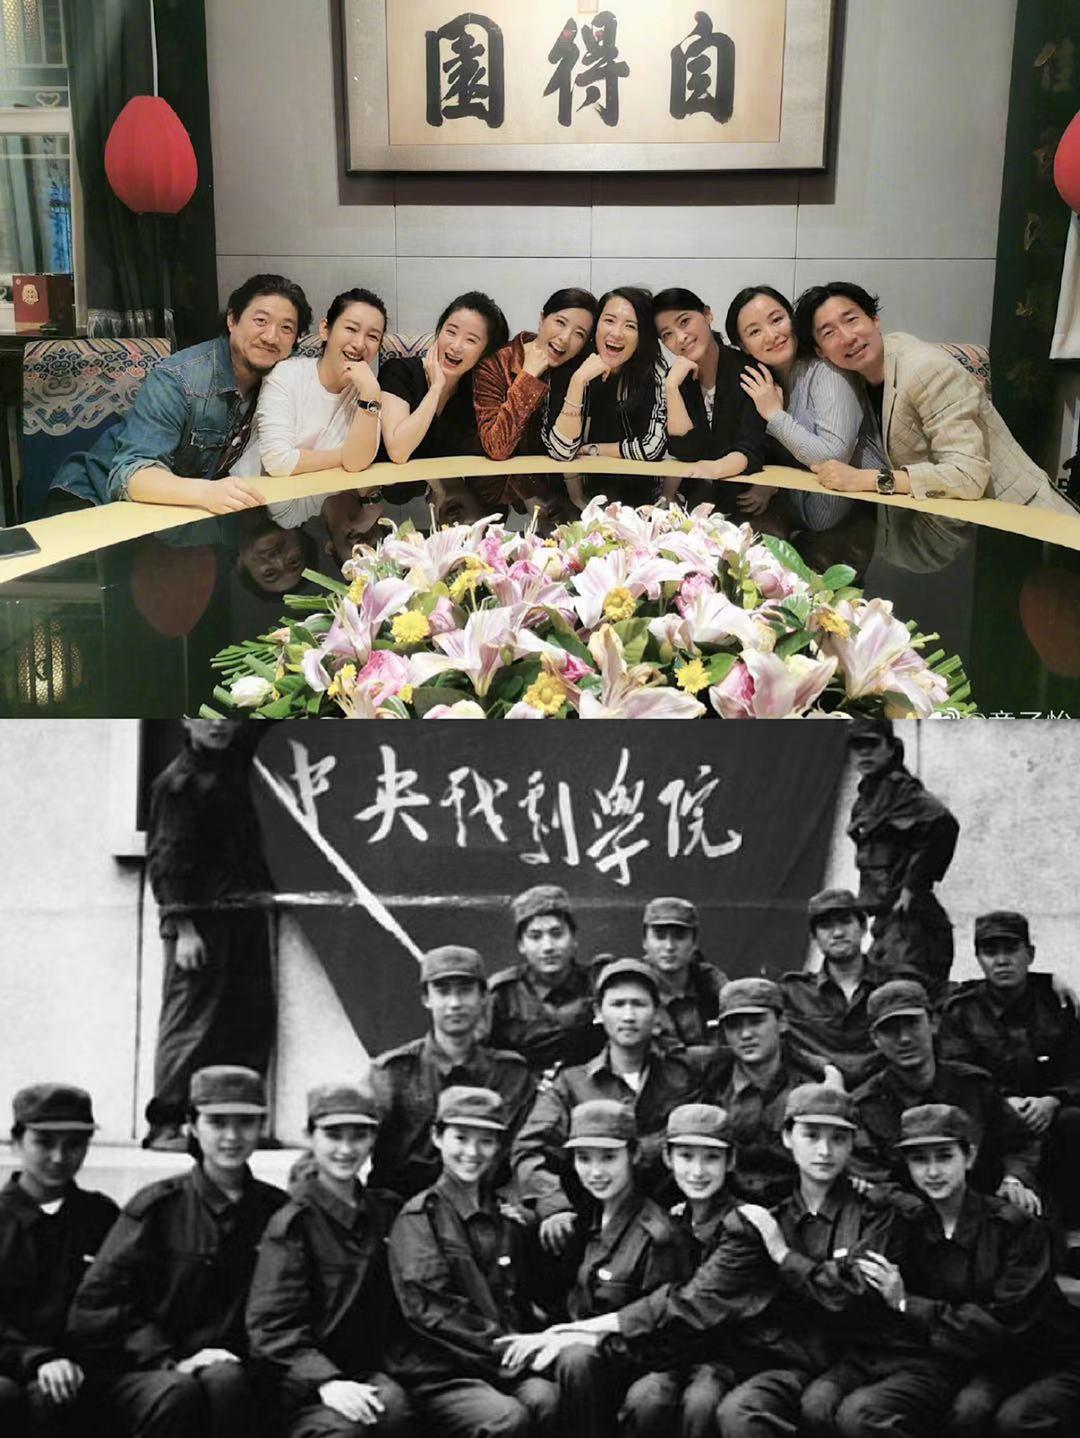 十大年夜当红明星大年夜学卒业照比较,杨紫、李现和李易峰根本上没变更